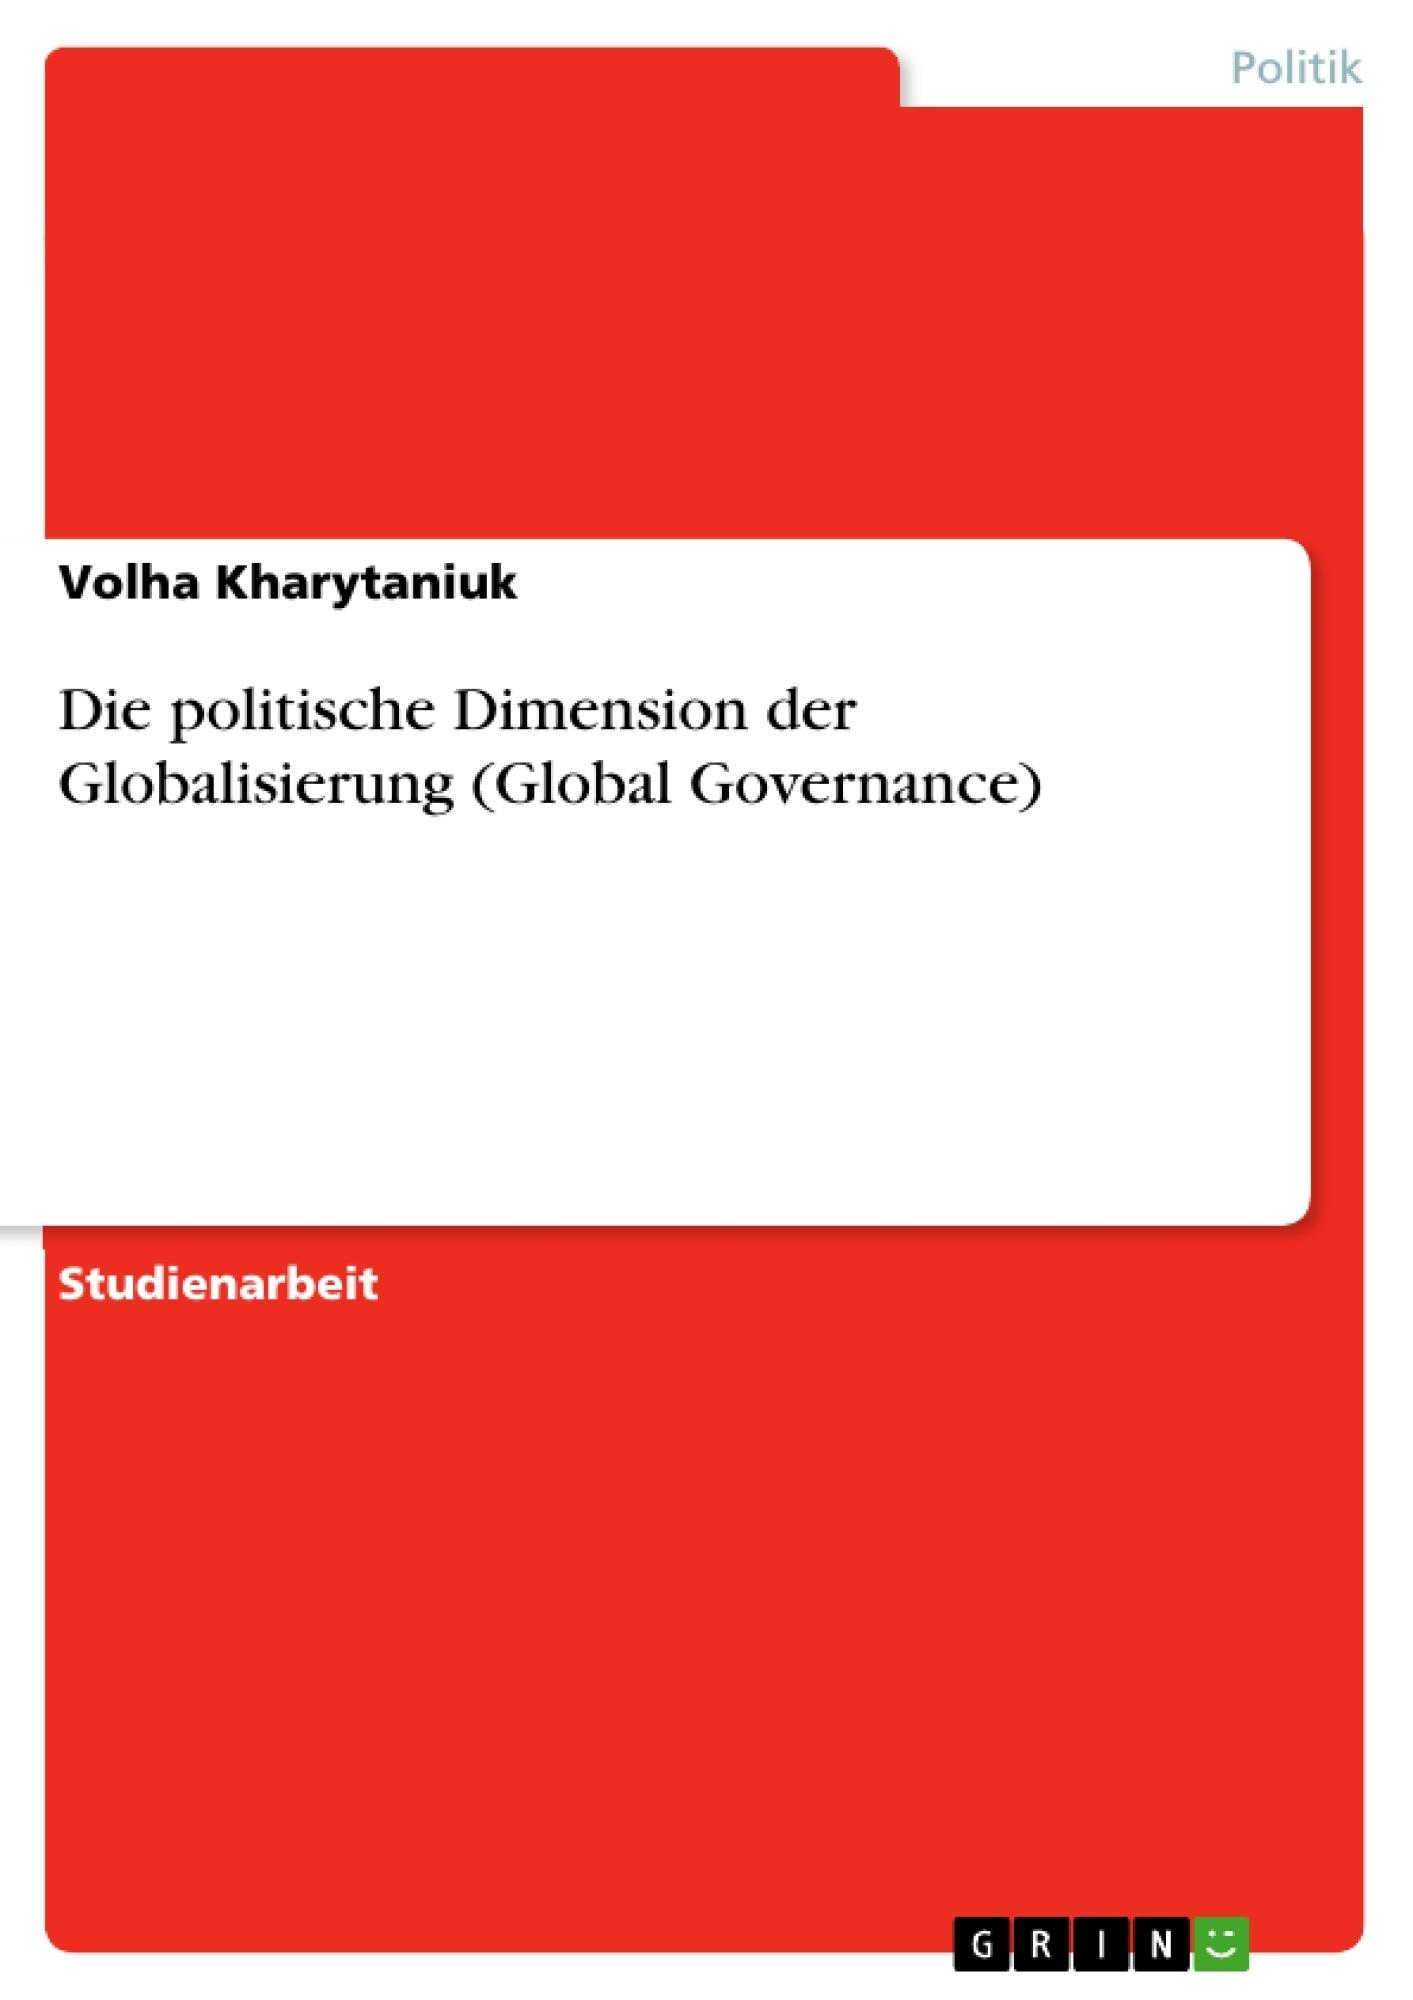 Titel: Die politische Dimension der Globalisierung (Global Governance)